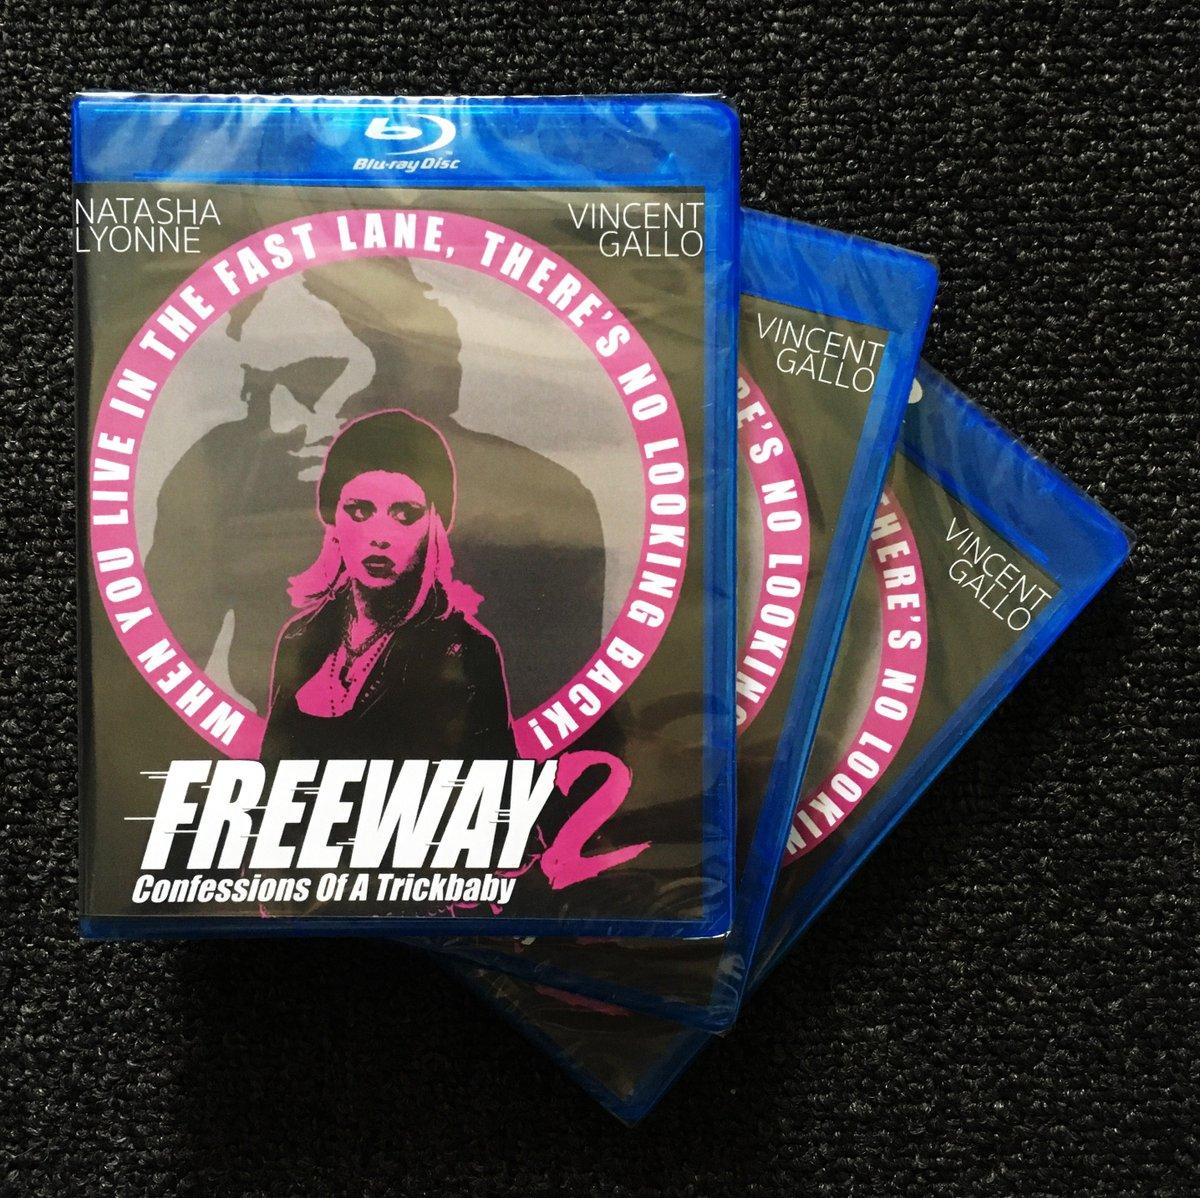 freeway ii confessions of a trickbaby blu-ray